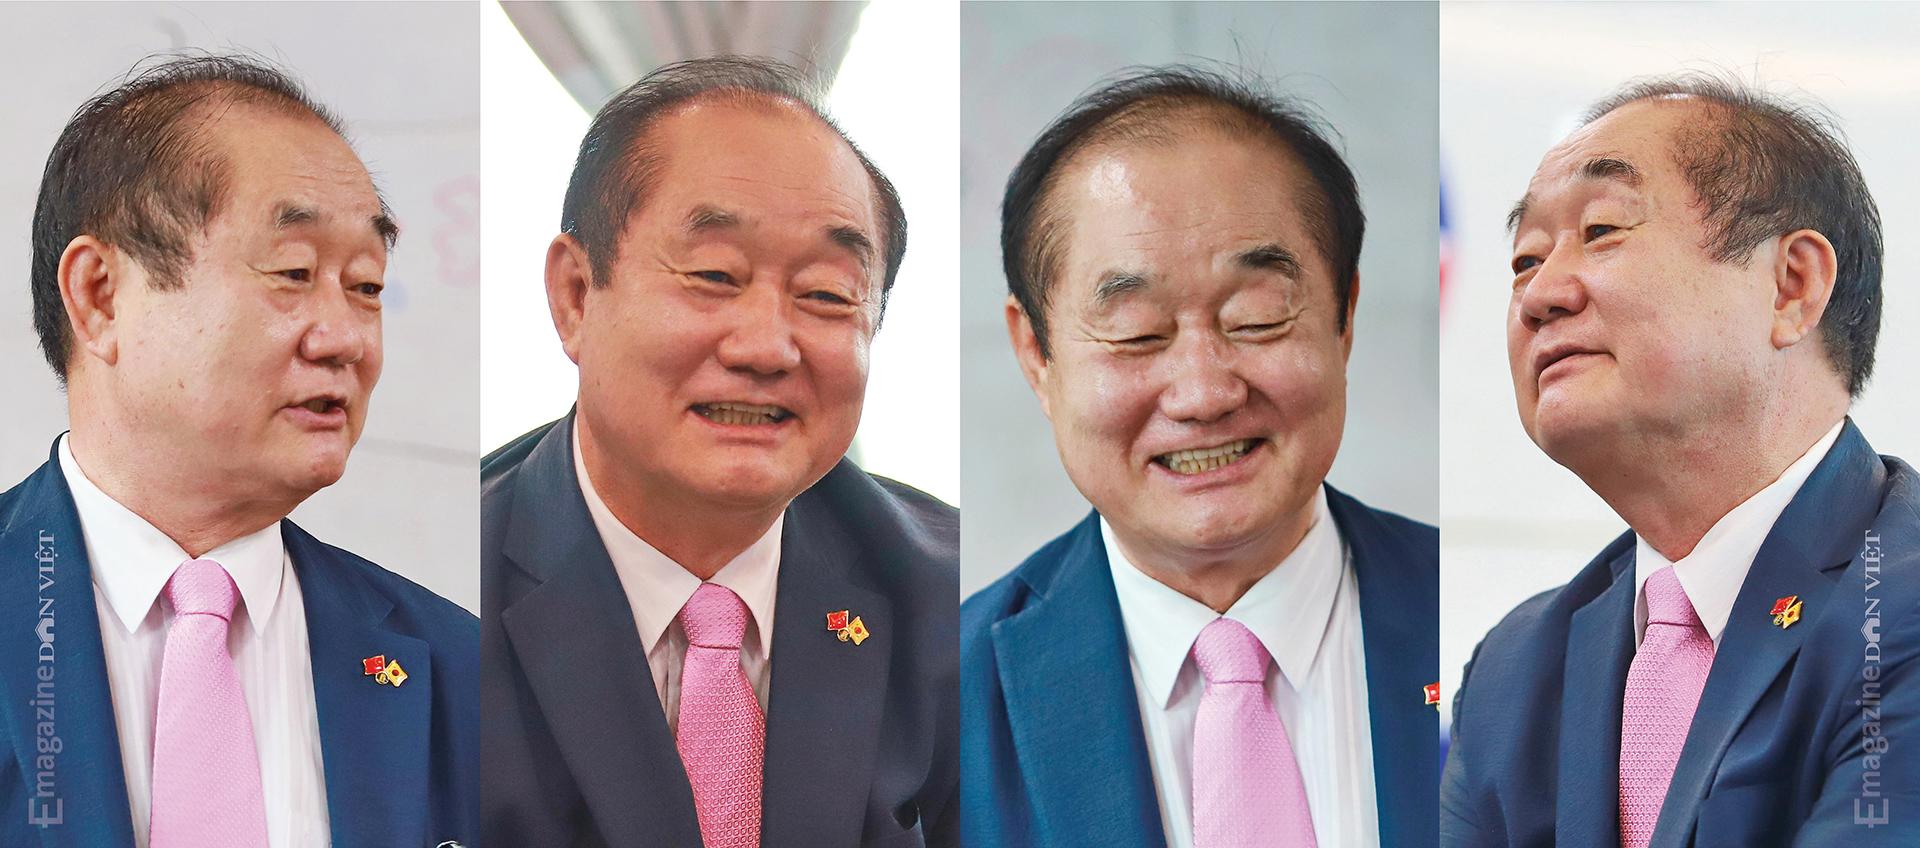 """Giáo sư Ahn Kyong-hwan: Những giá trị của """"Nhật ký trong tù"""" cần được lan tỏa mãi mãi - Ảnh 5."""